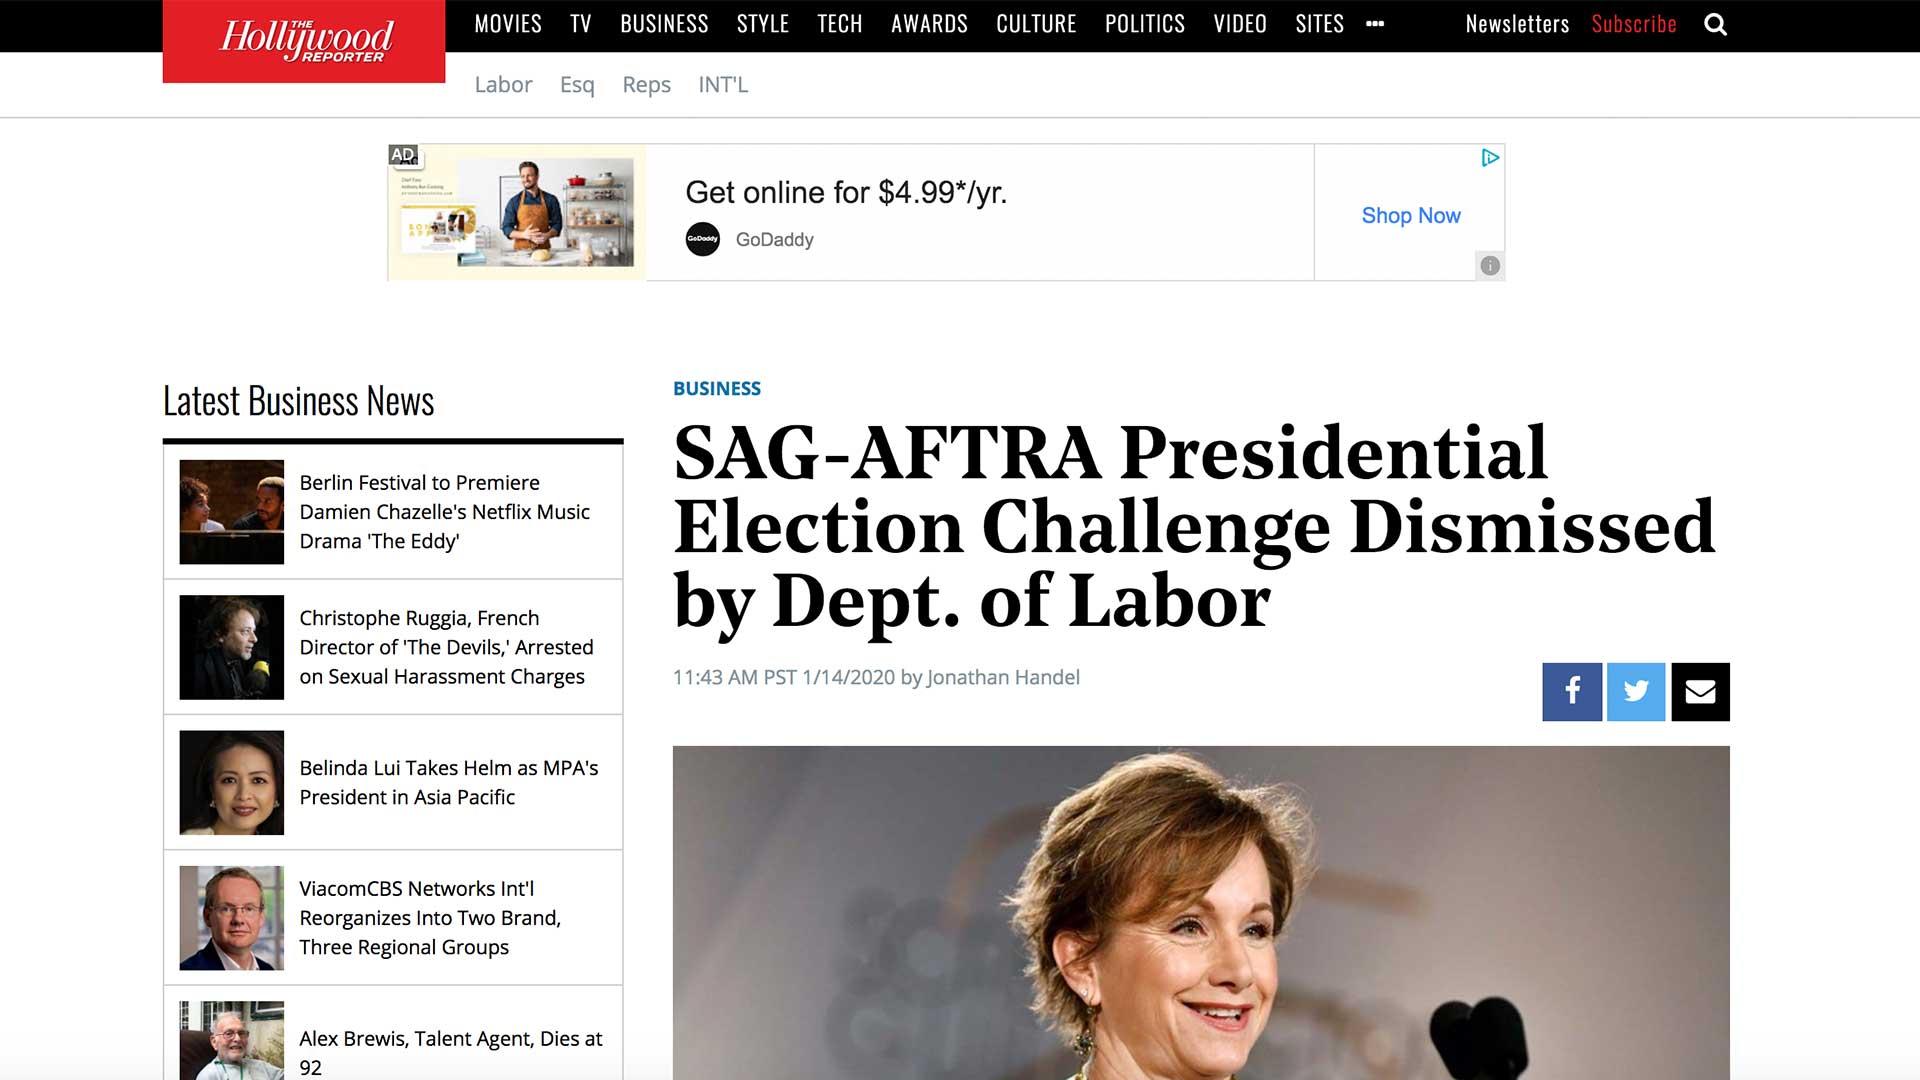 Fairness Rocks News SAG-AFTRA Presidential Election Challenge Dismissed by Dept. of Labor